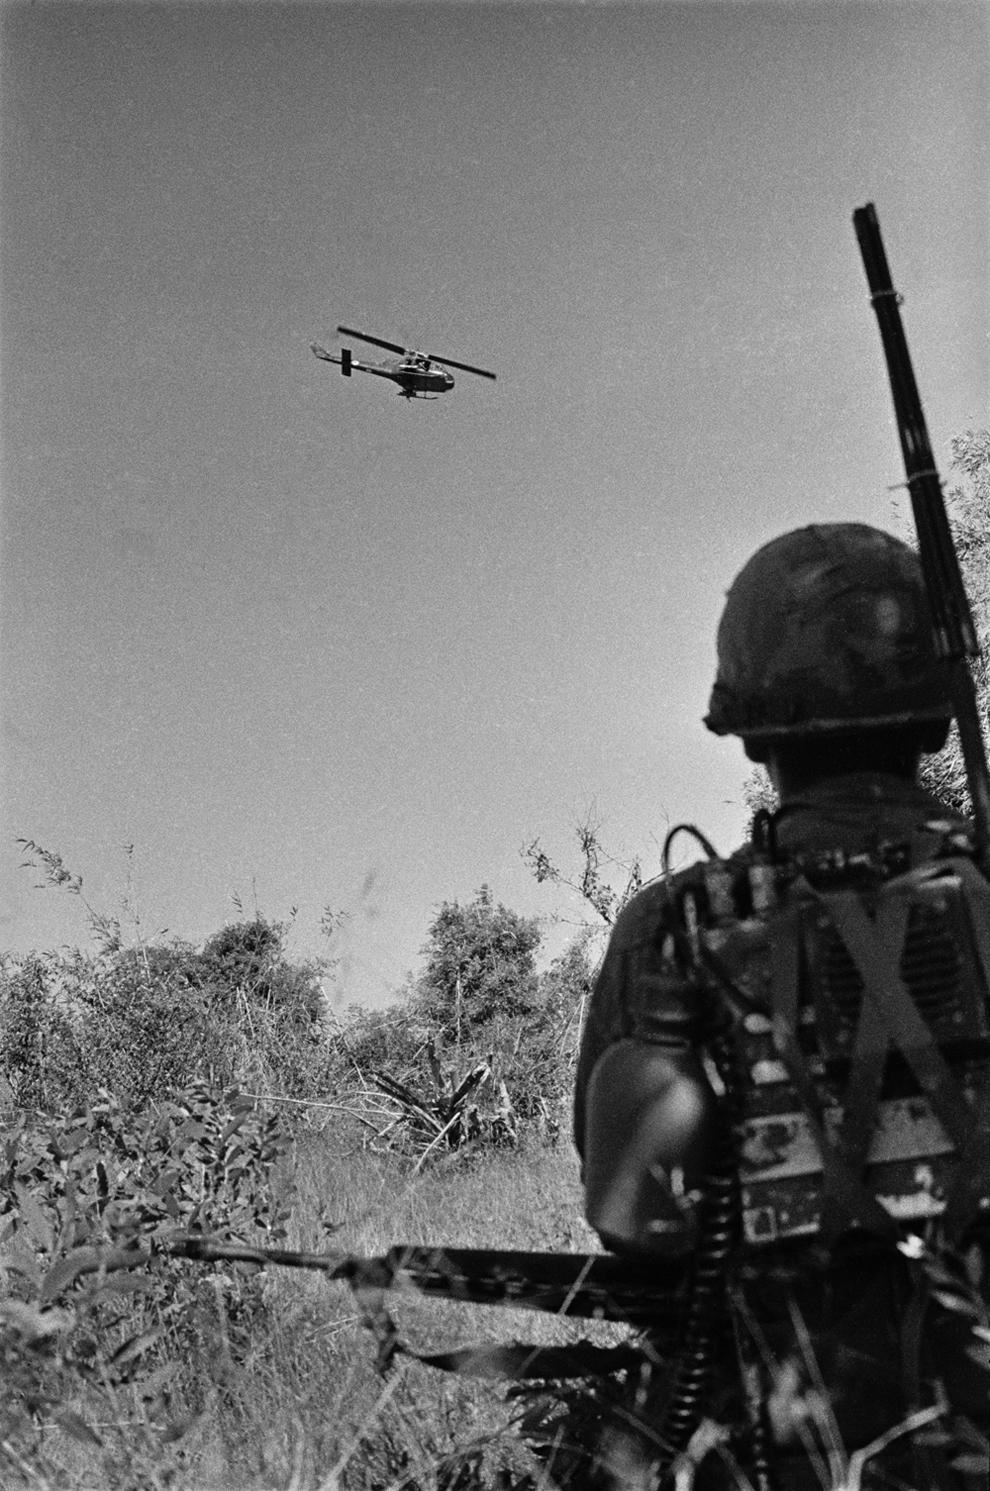 bp12 - Hình ảnh hiếm gây chấn động về cuộc chiến ở Việt Nam